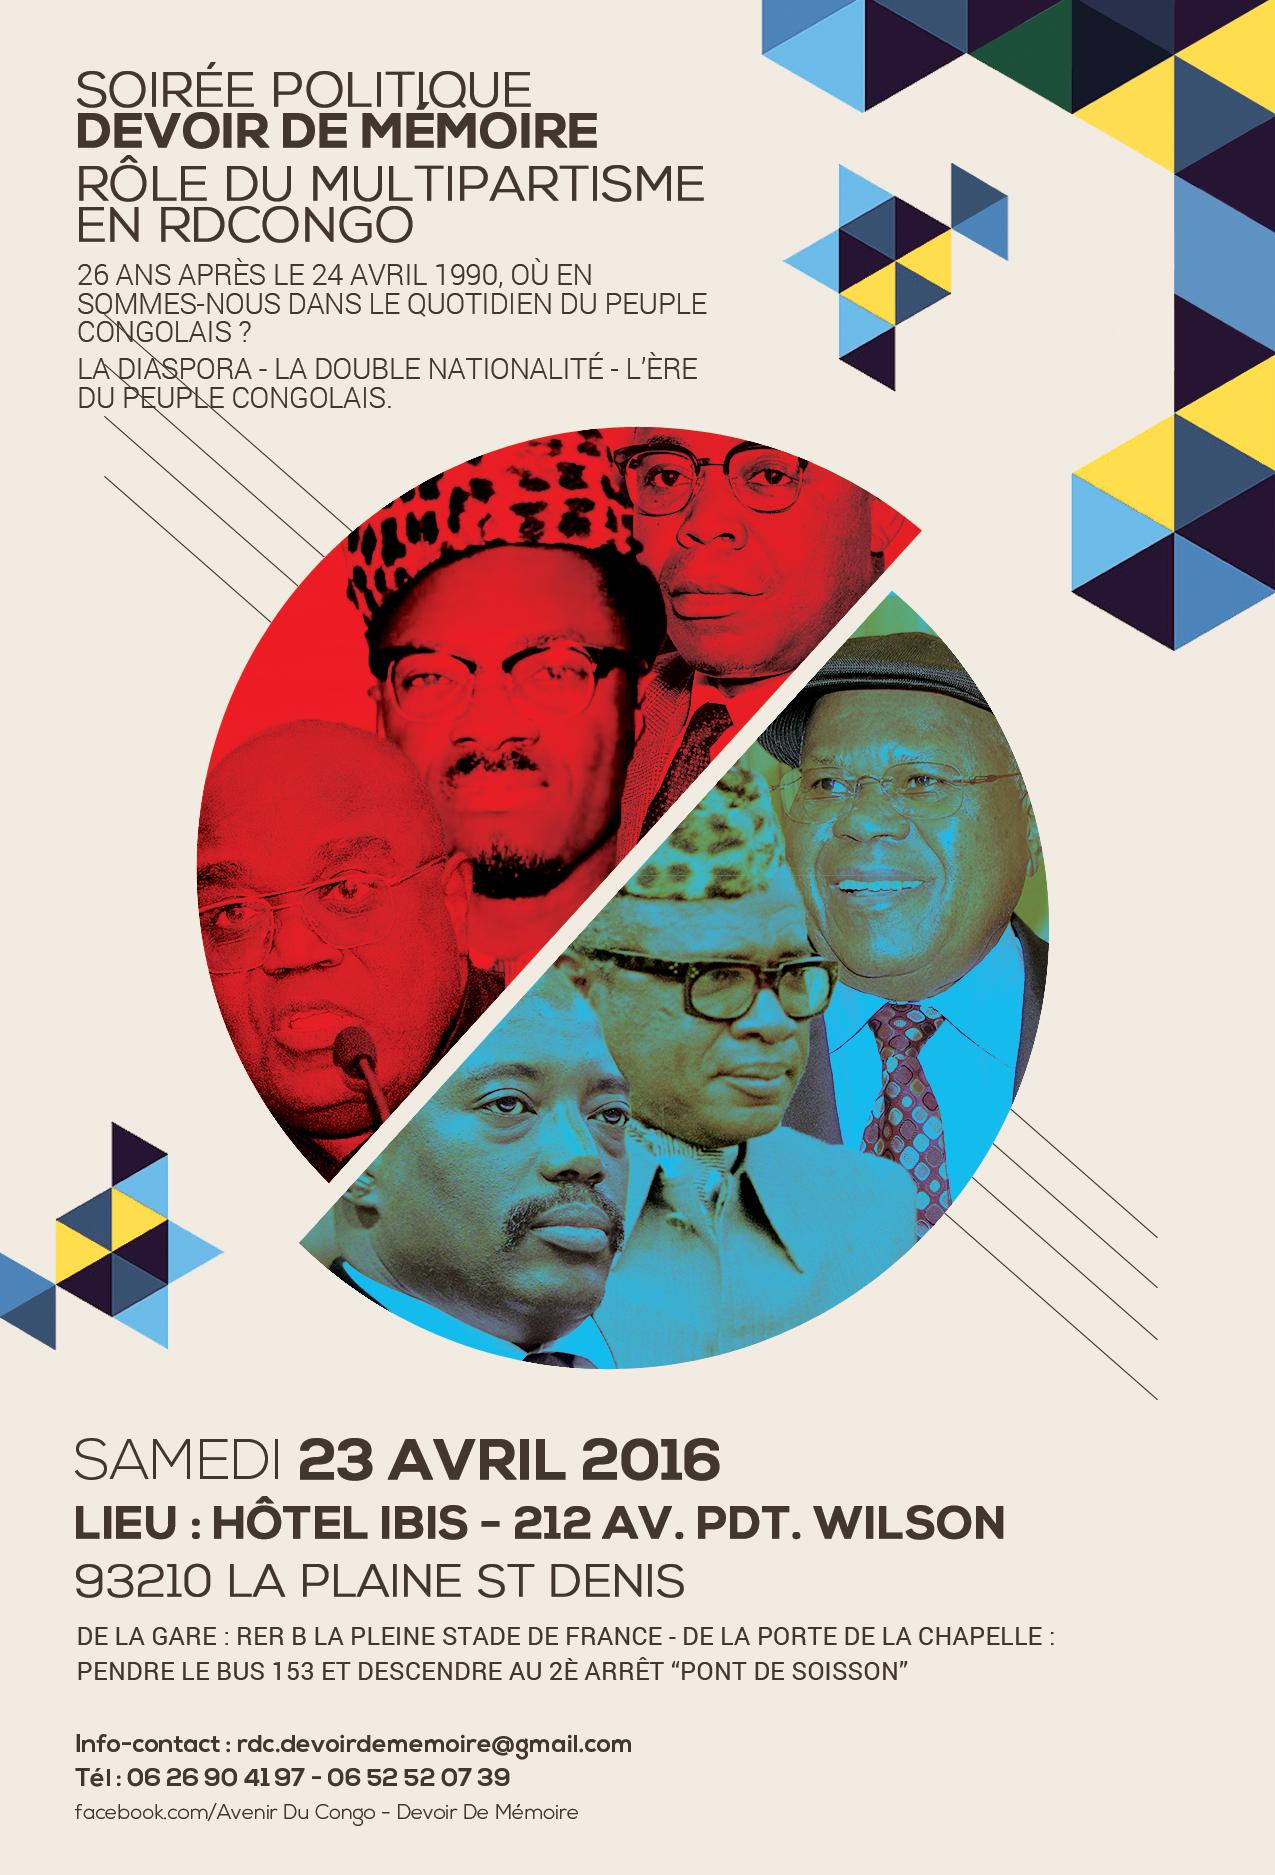 Ingeta soir e politique devoir de m moire 23 avril 2016 r le du multipartisme en rd congo - Stade porte de la chapelle ...